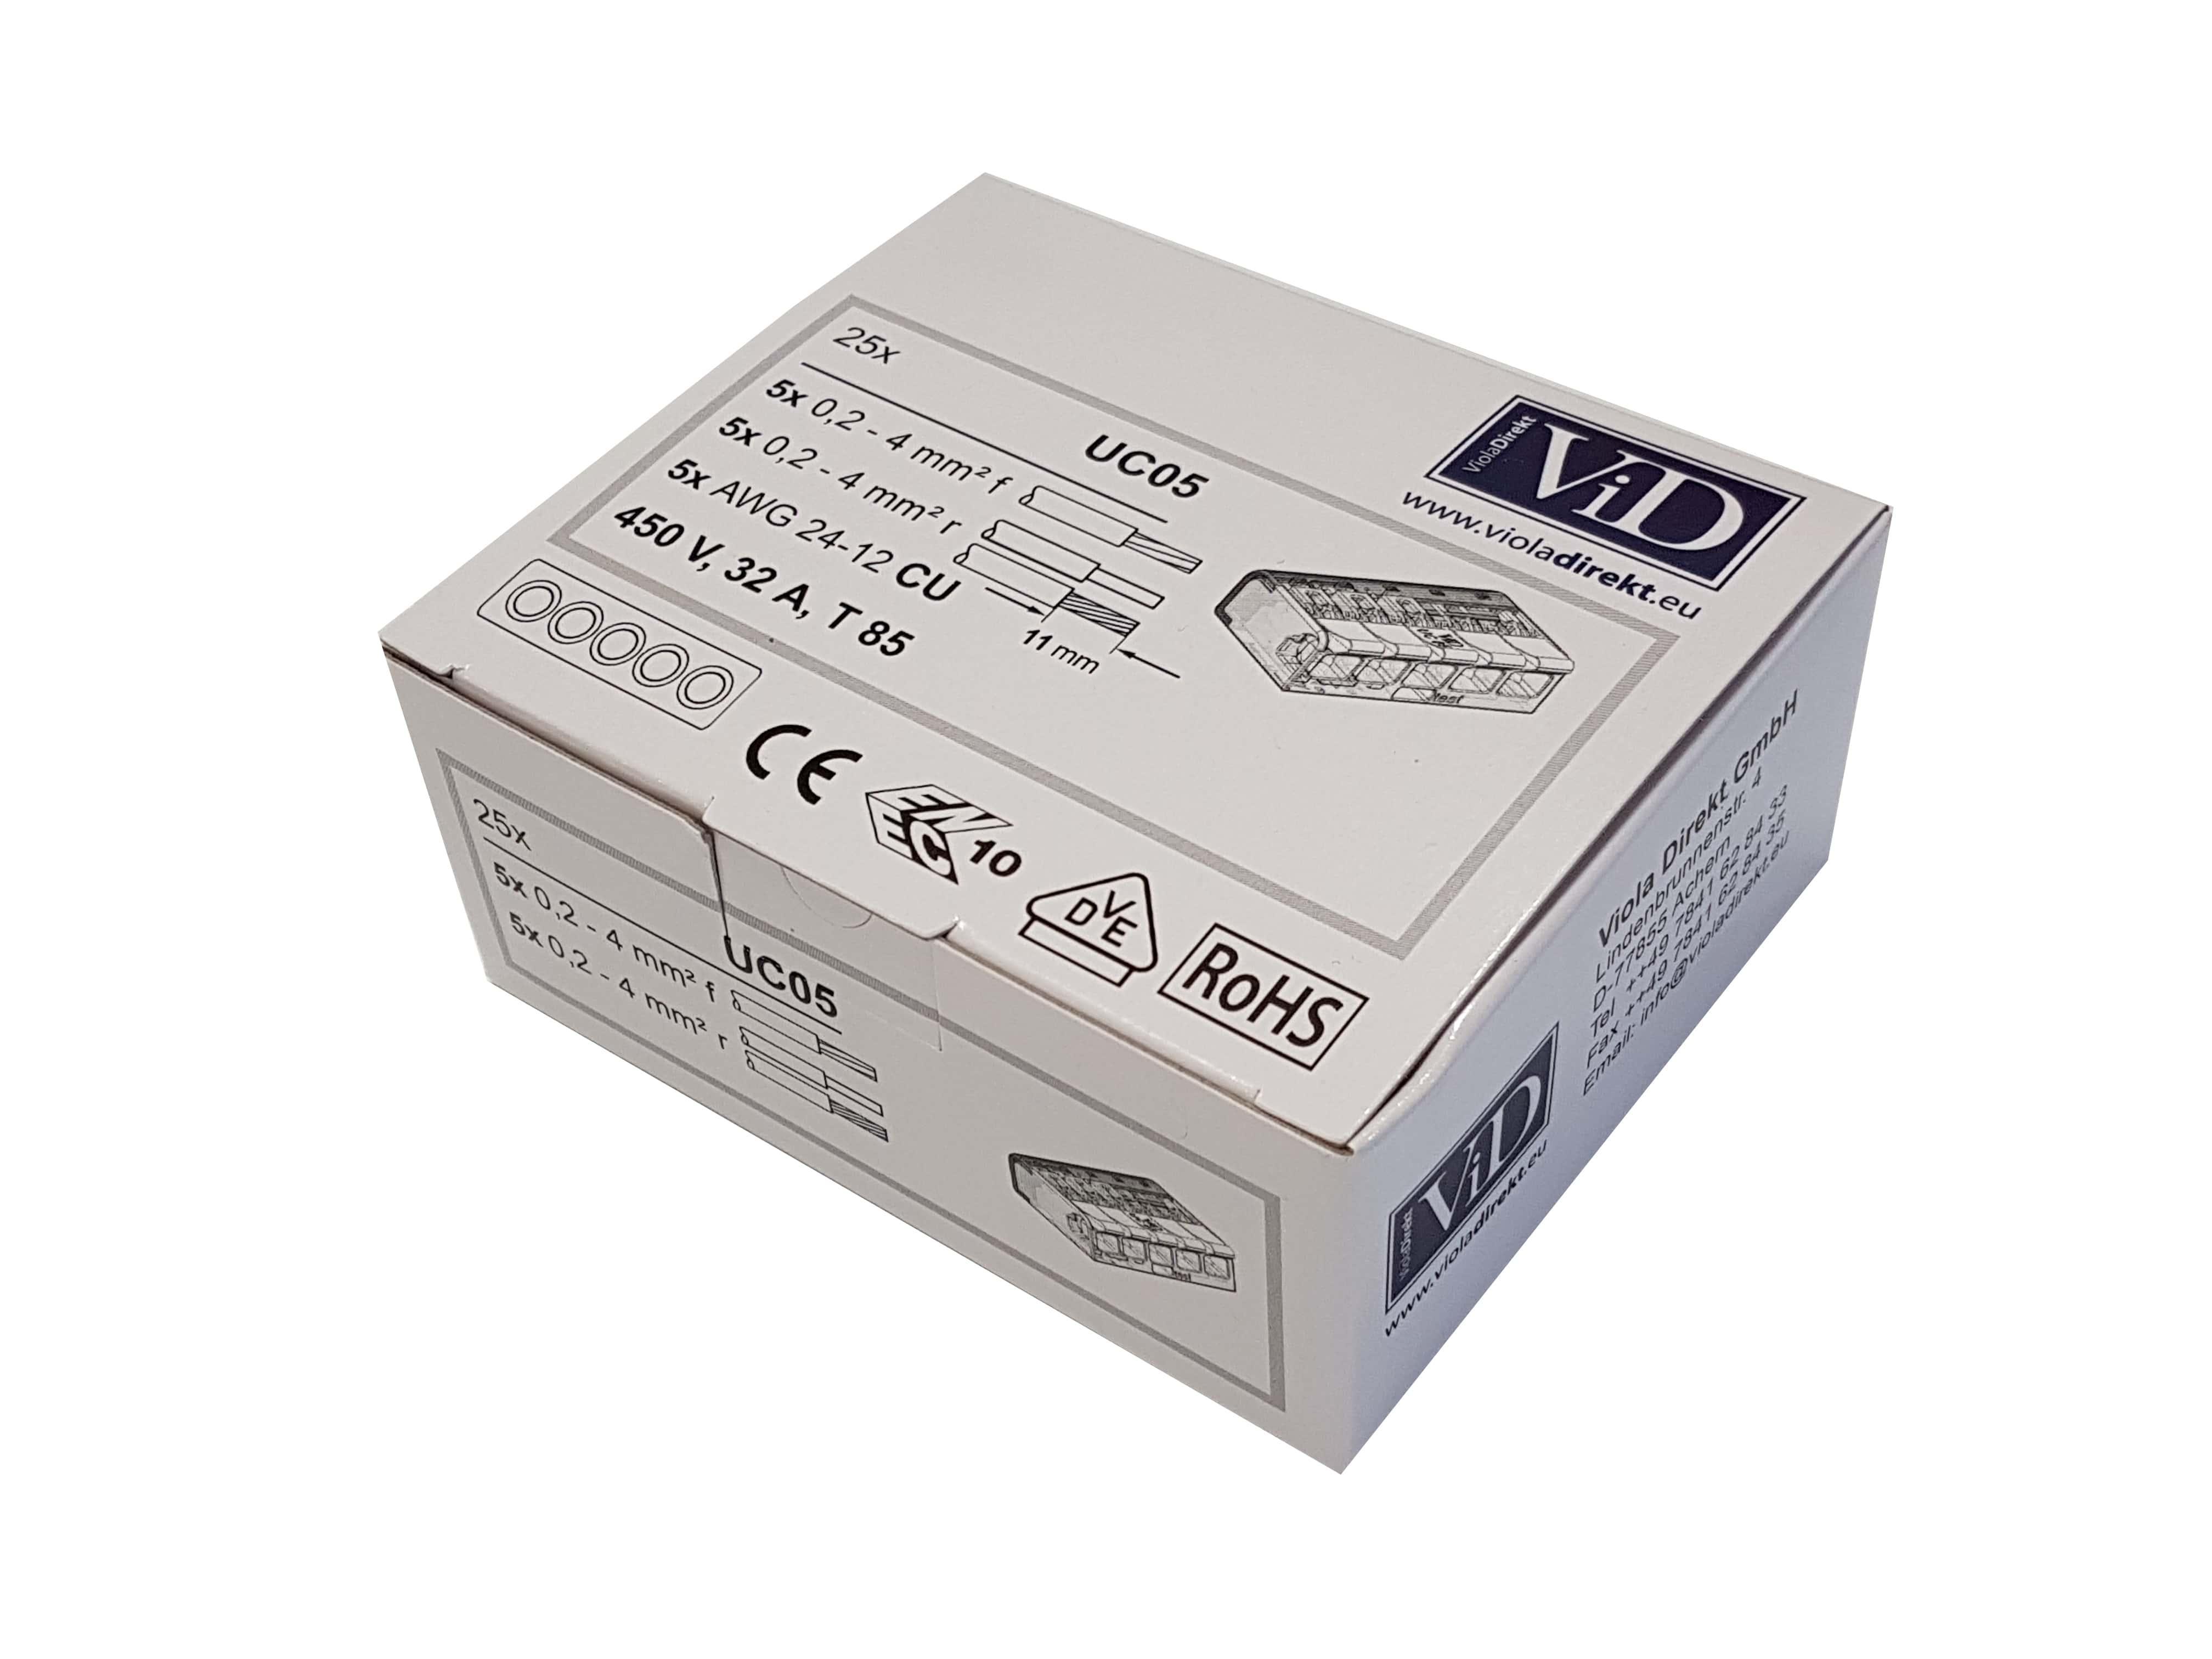 3-pol 5-pol 0,2-4mm² der UC Serie ViD Hebelklemme 2-pol KOMBI